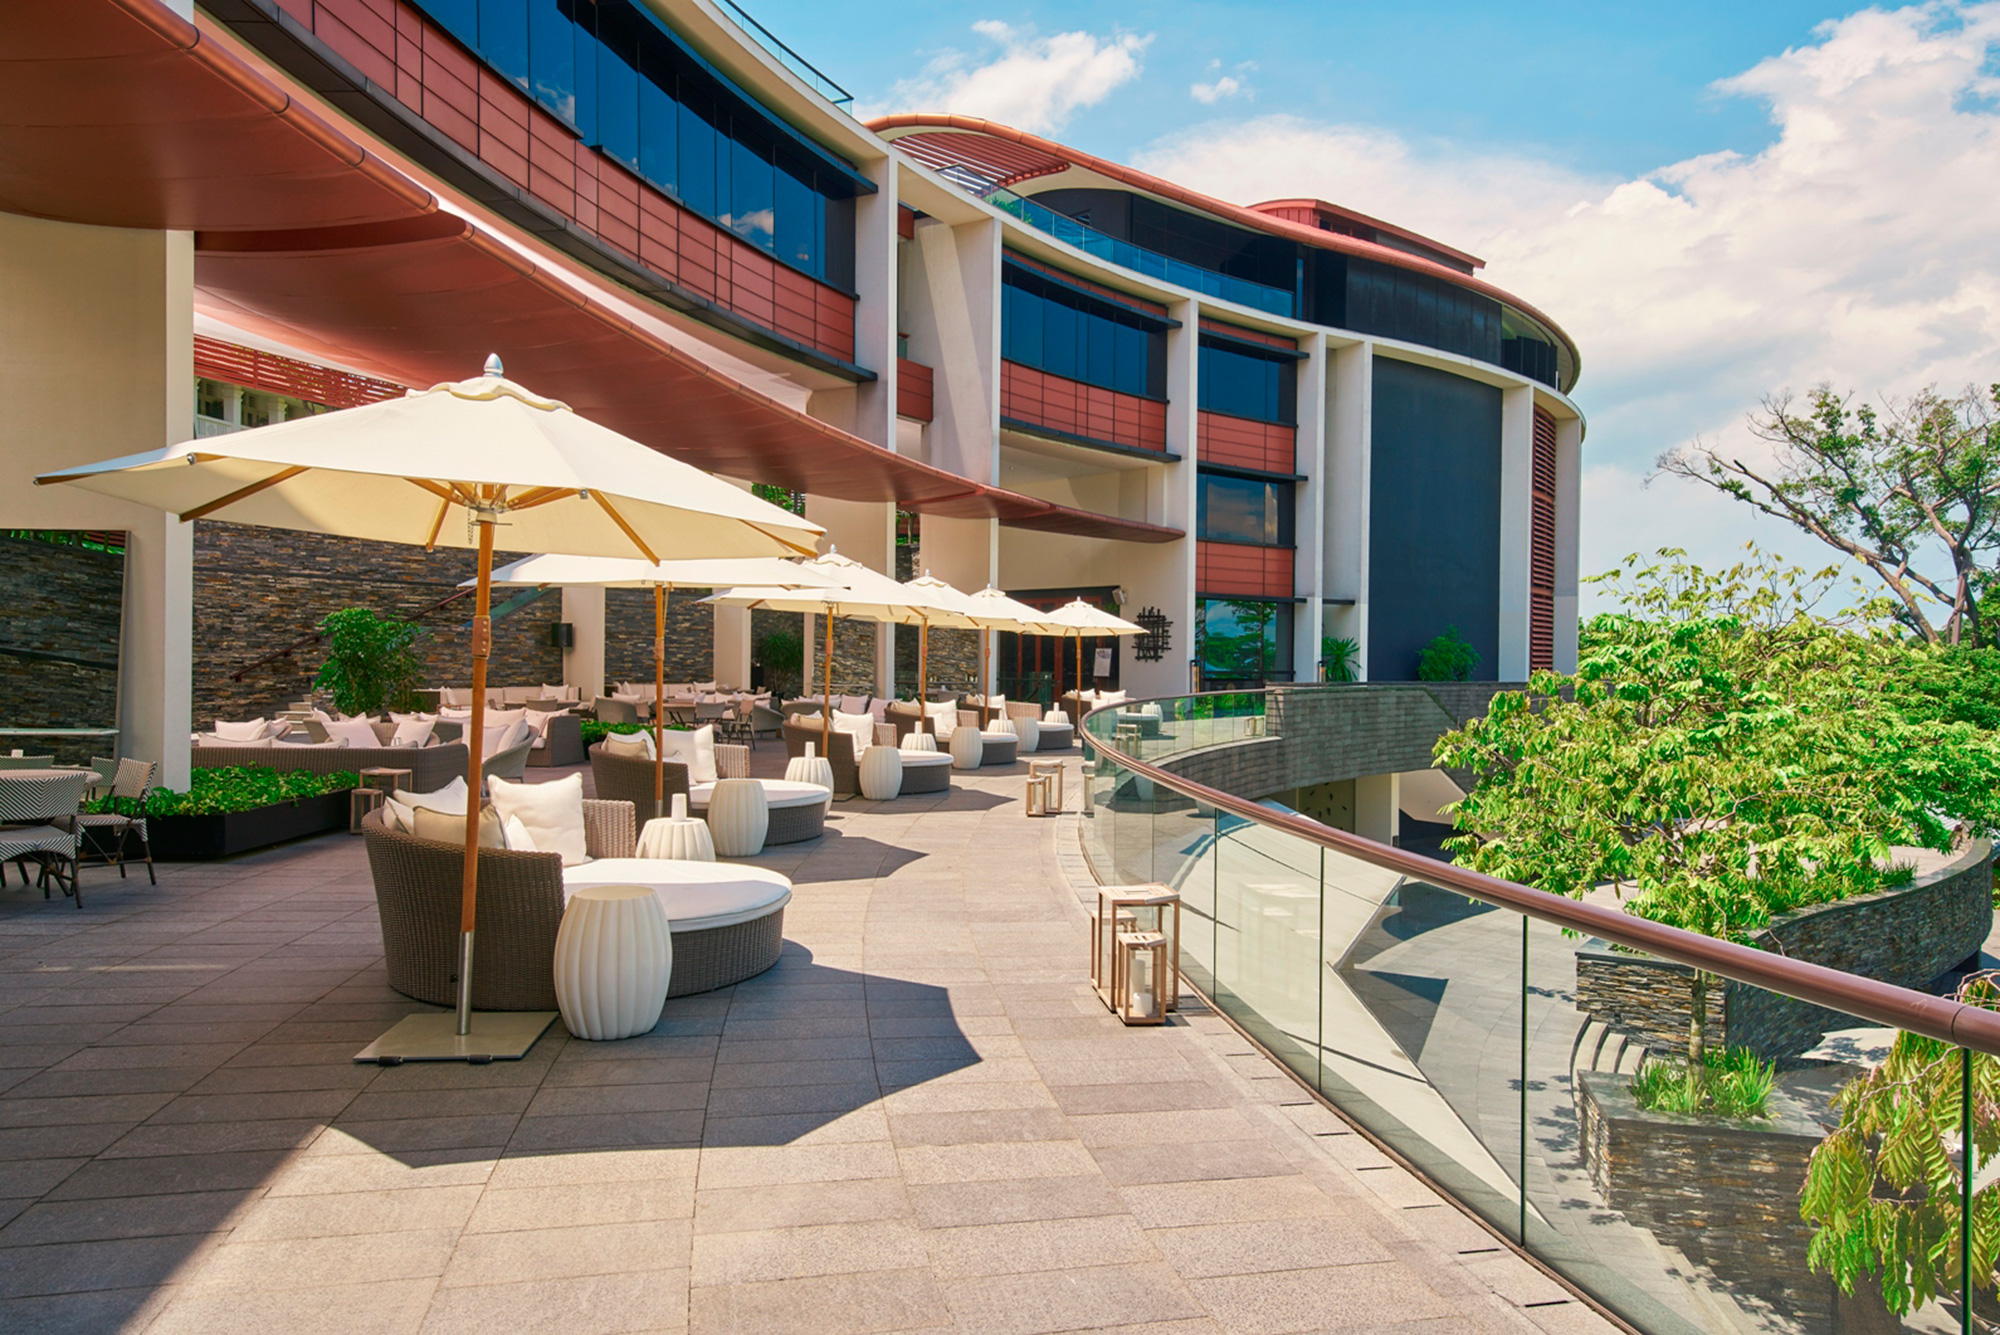 bobs-bar-outdoor-terrace